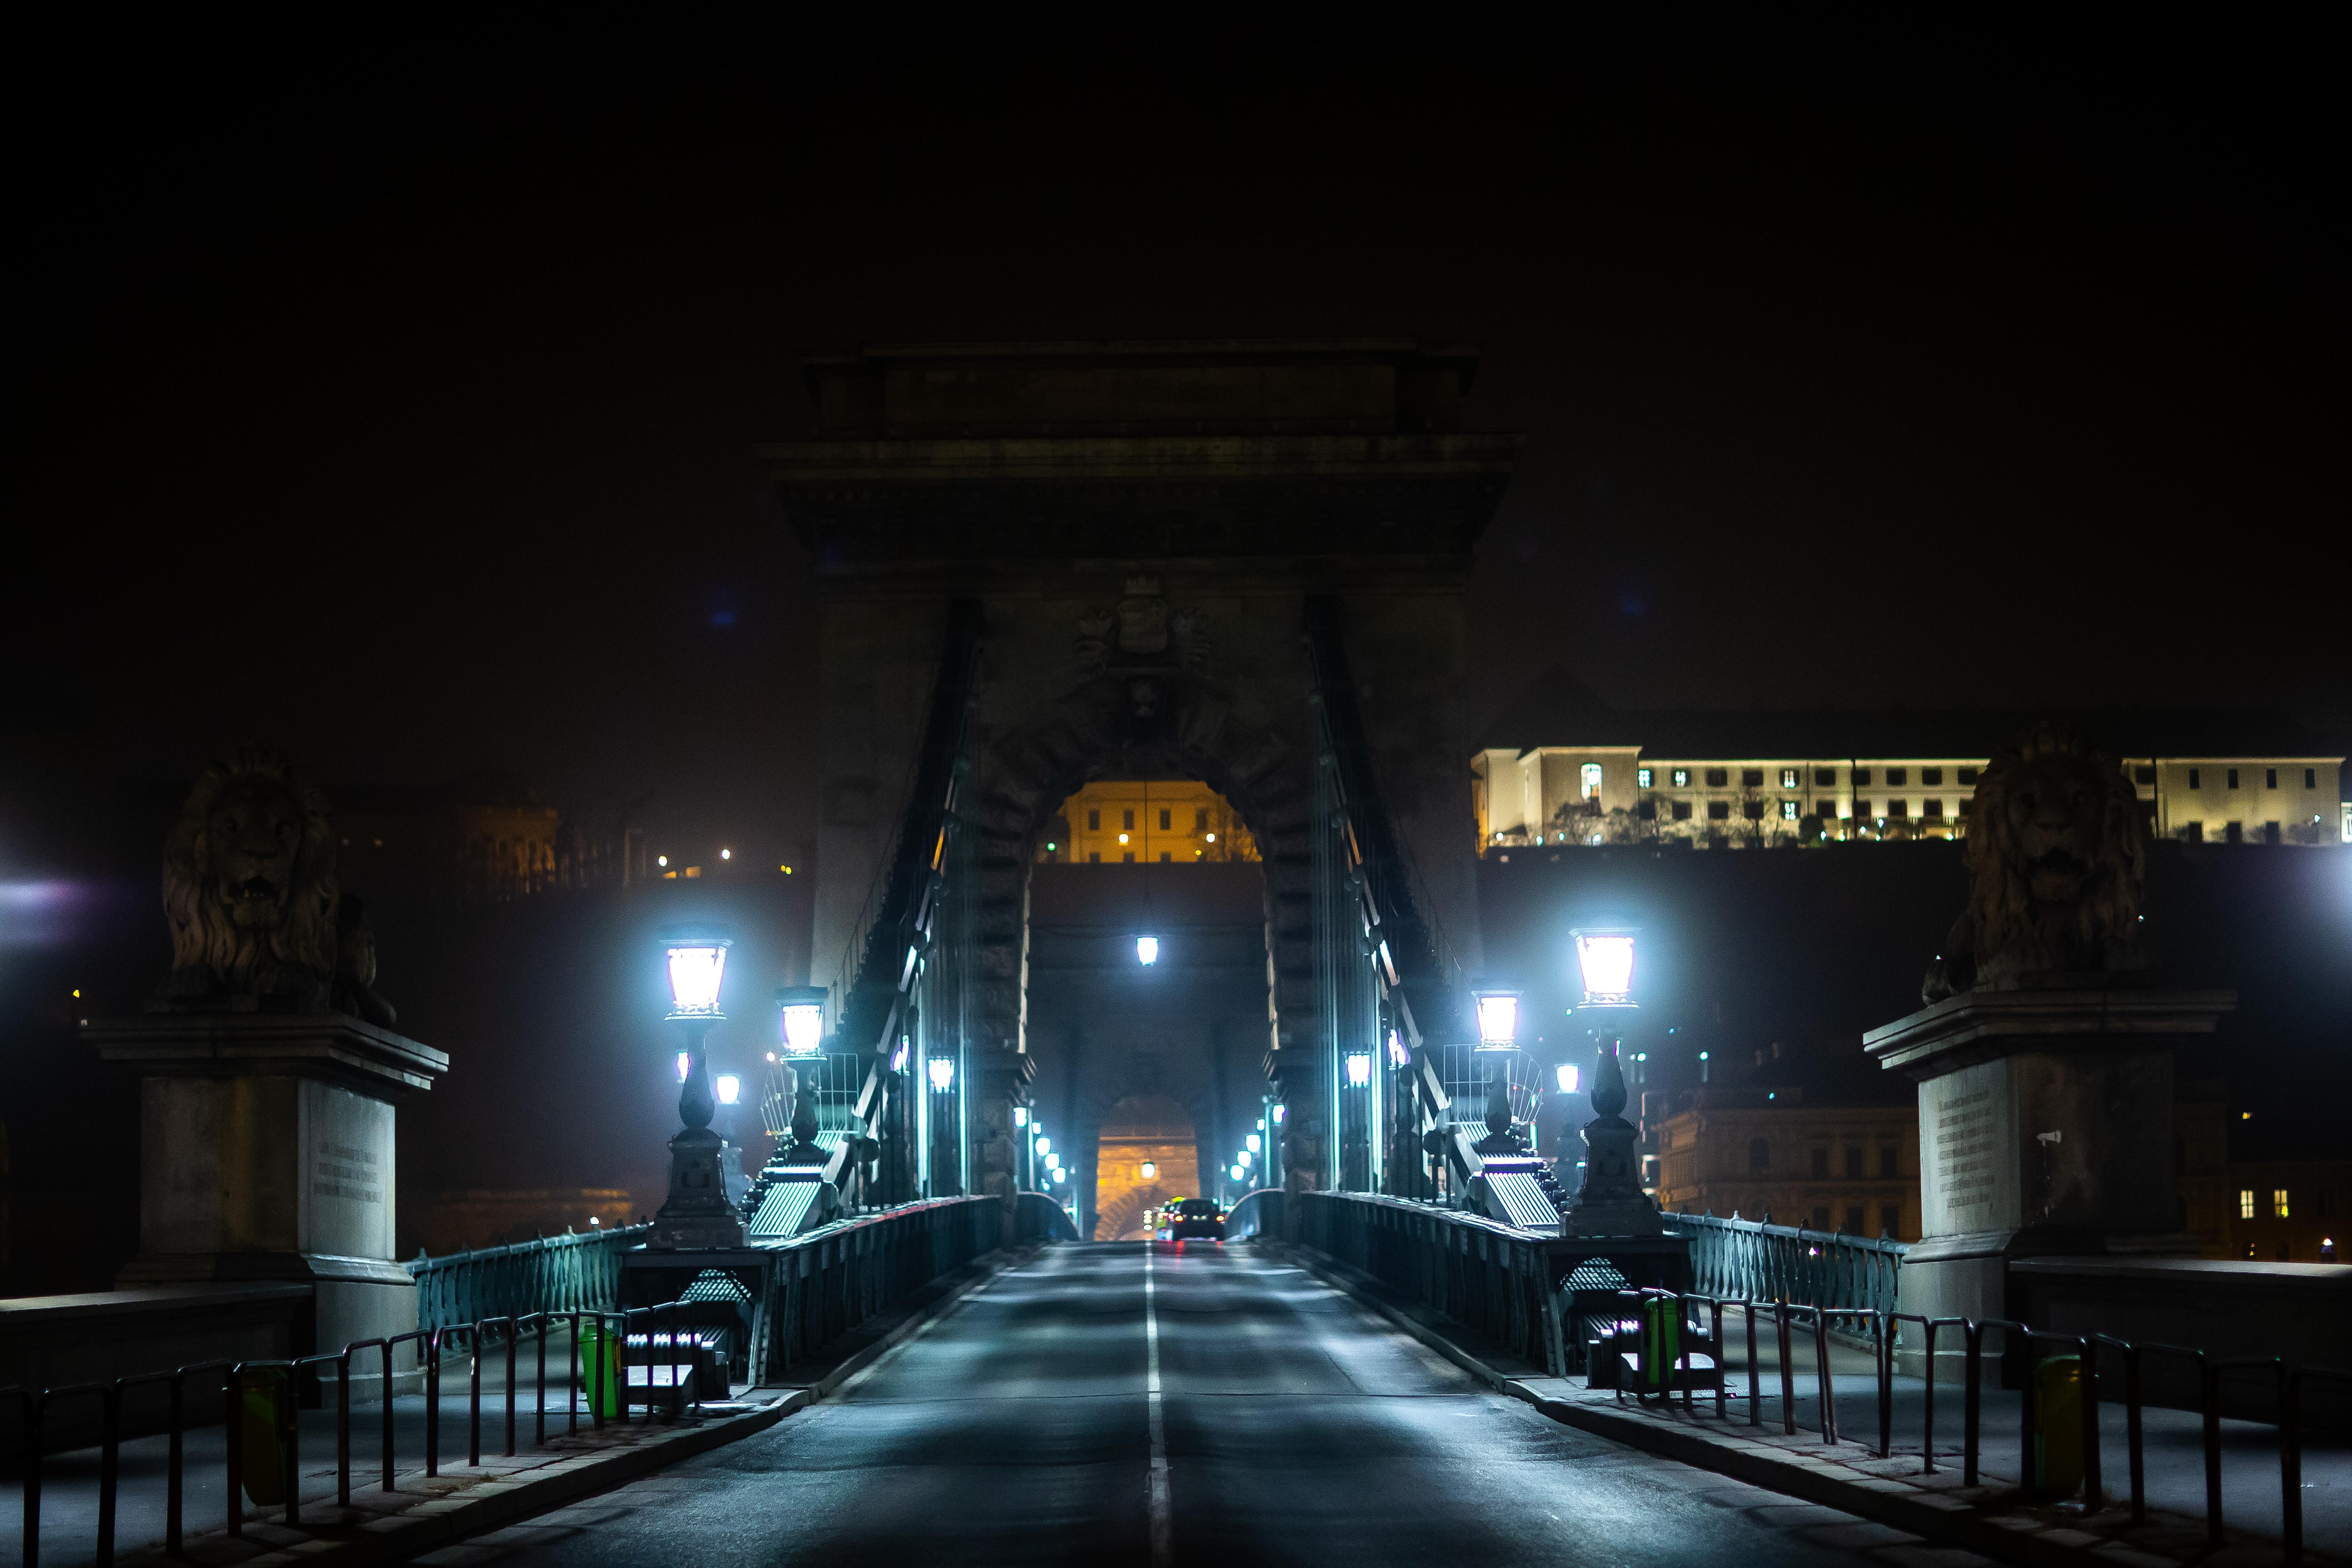 Gyorsan sétáljon át a Lánchídon, aki akar, mert jövő szerdától nem lehet!